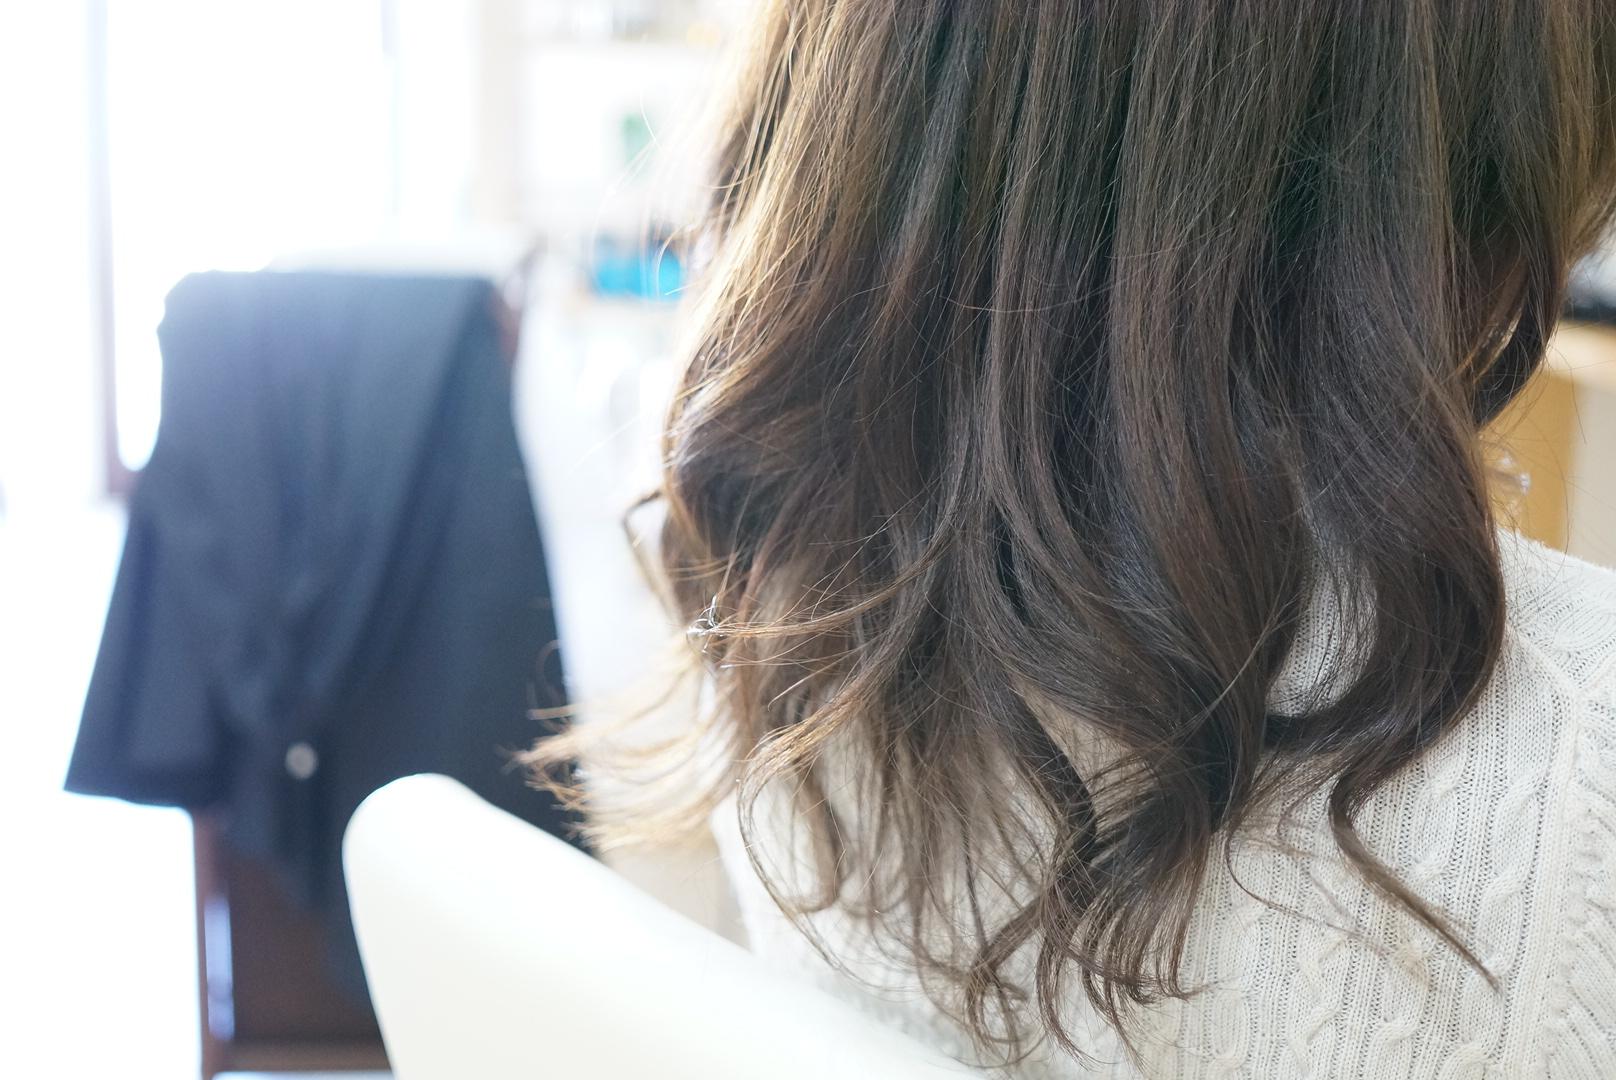 アッシュ系で抜け感が出るヘアカラー毛先